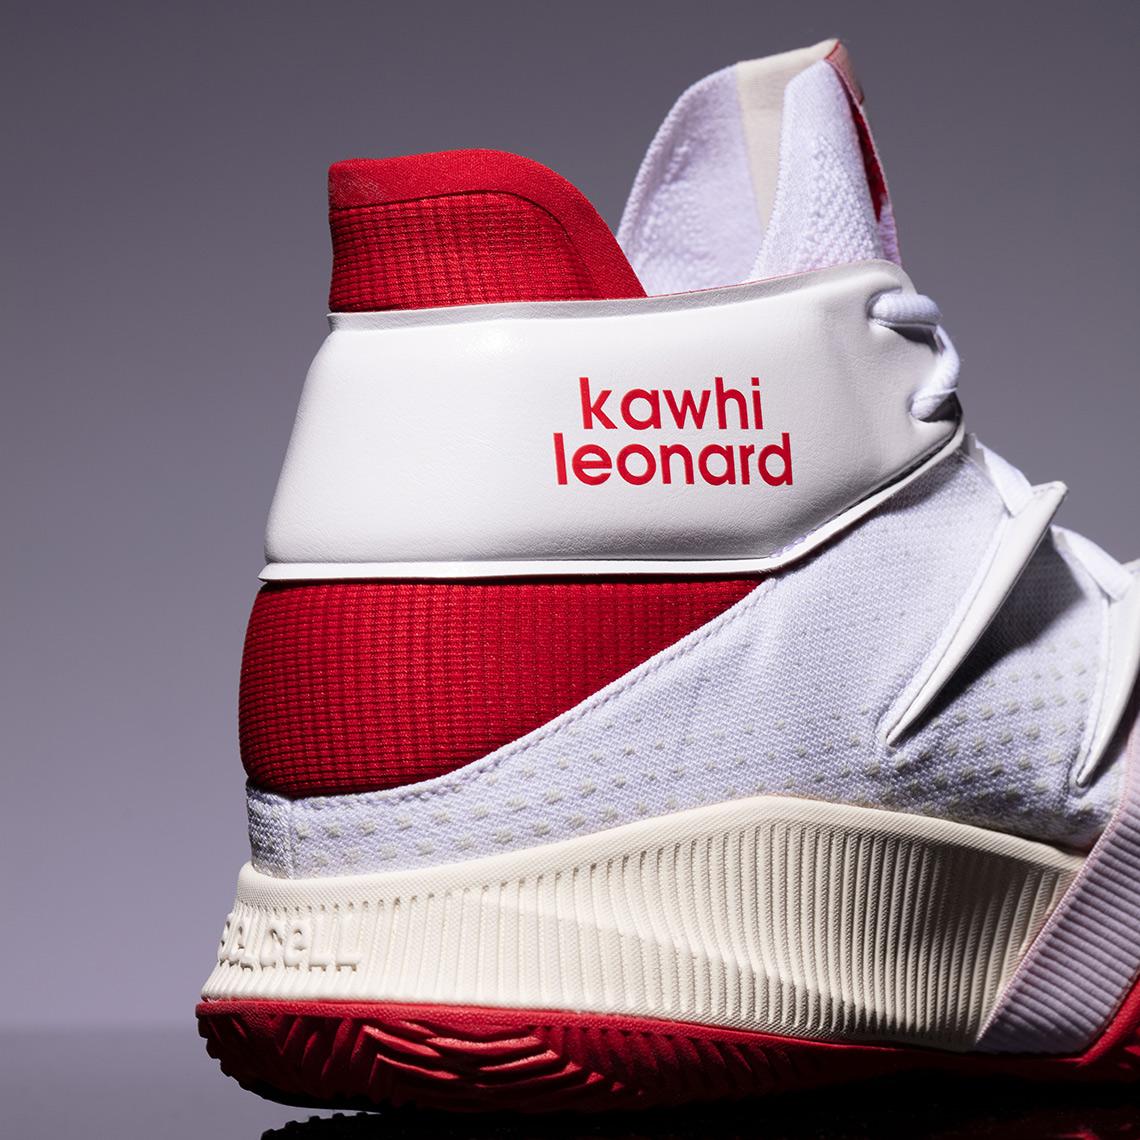 7316d22e7a Kawhi Leonard New Balance Shoes - First Look + Release Info ...